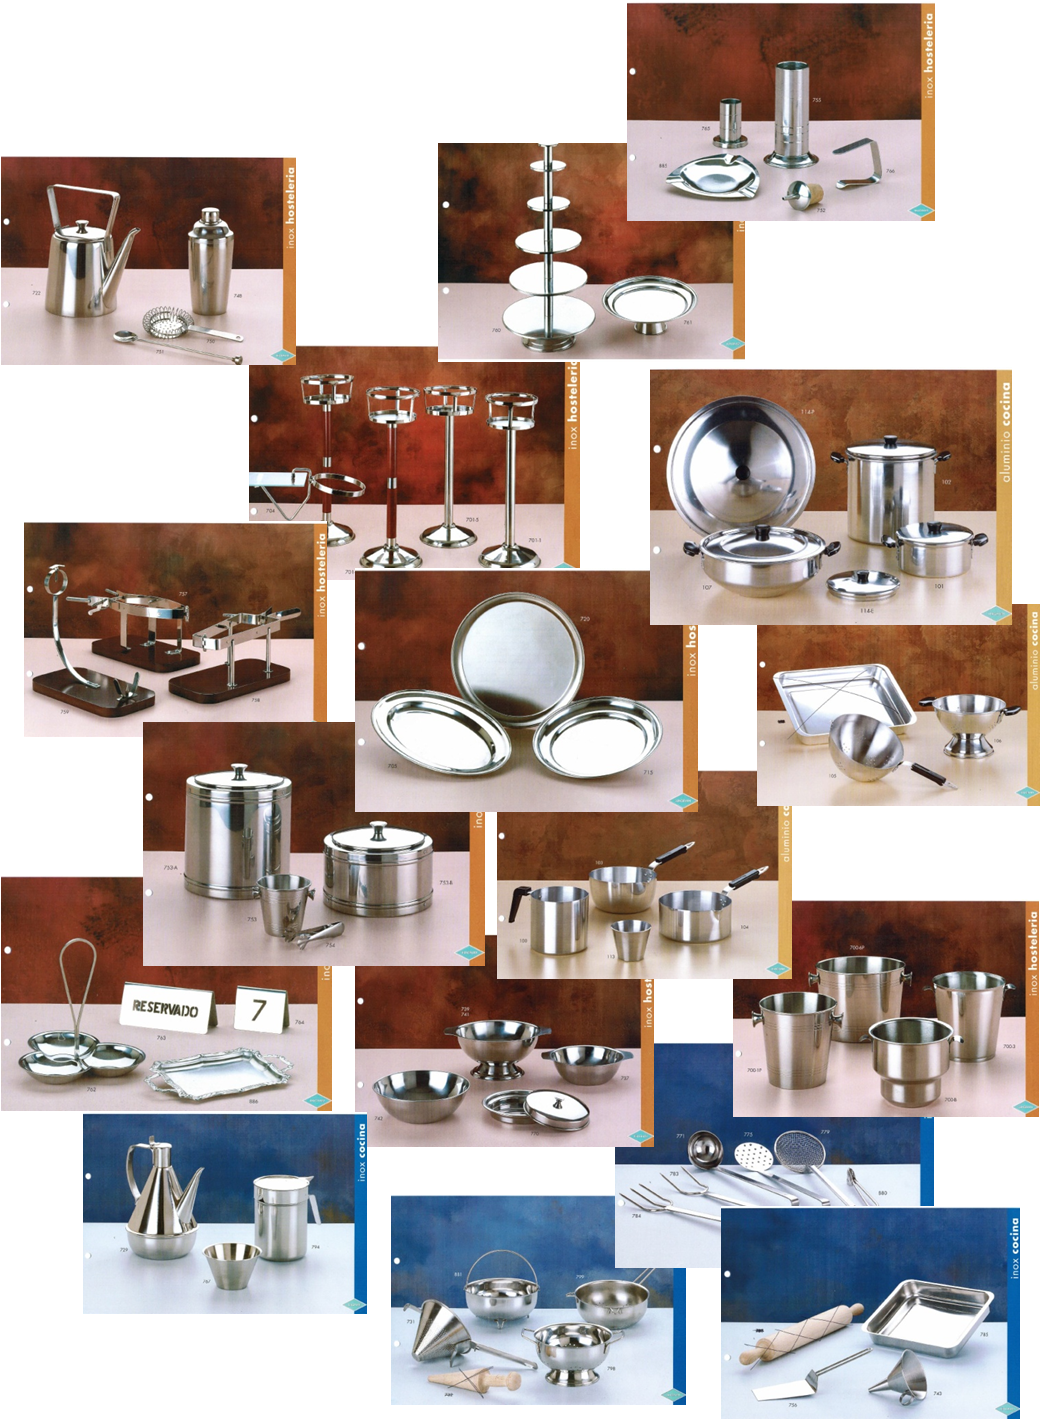 Despatx import export esp complementos para hotel y for Complementos cocina